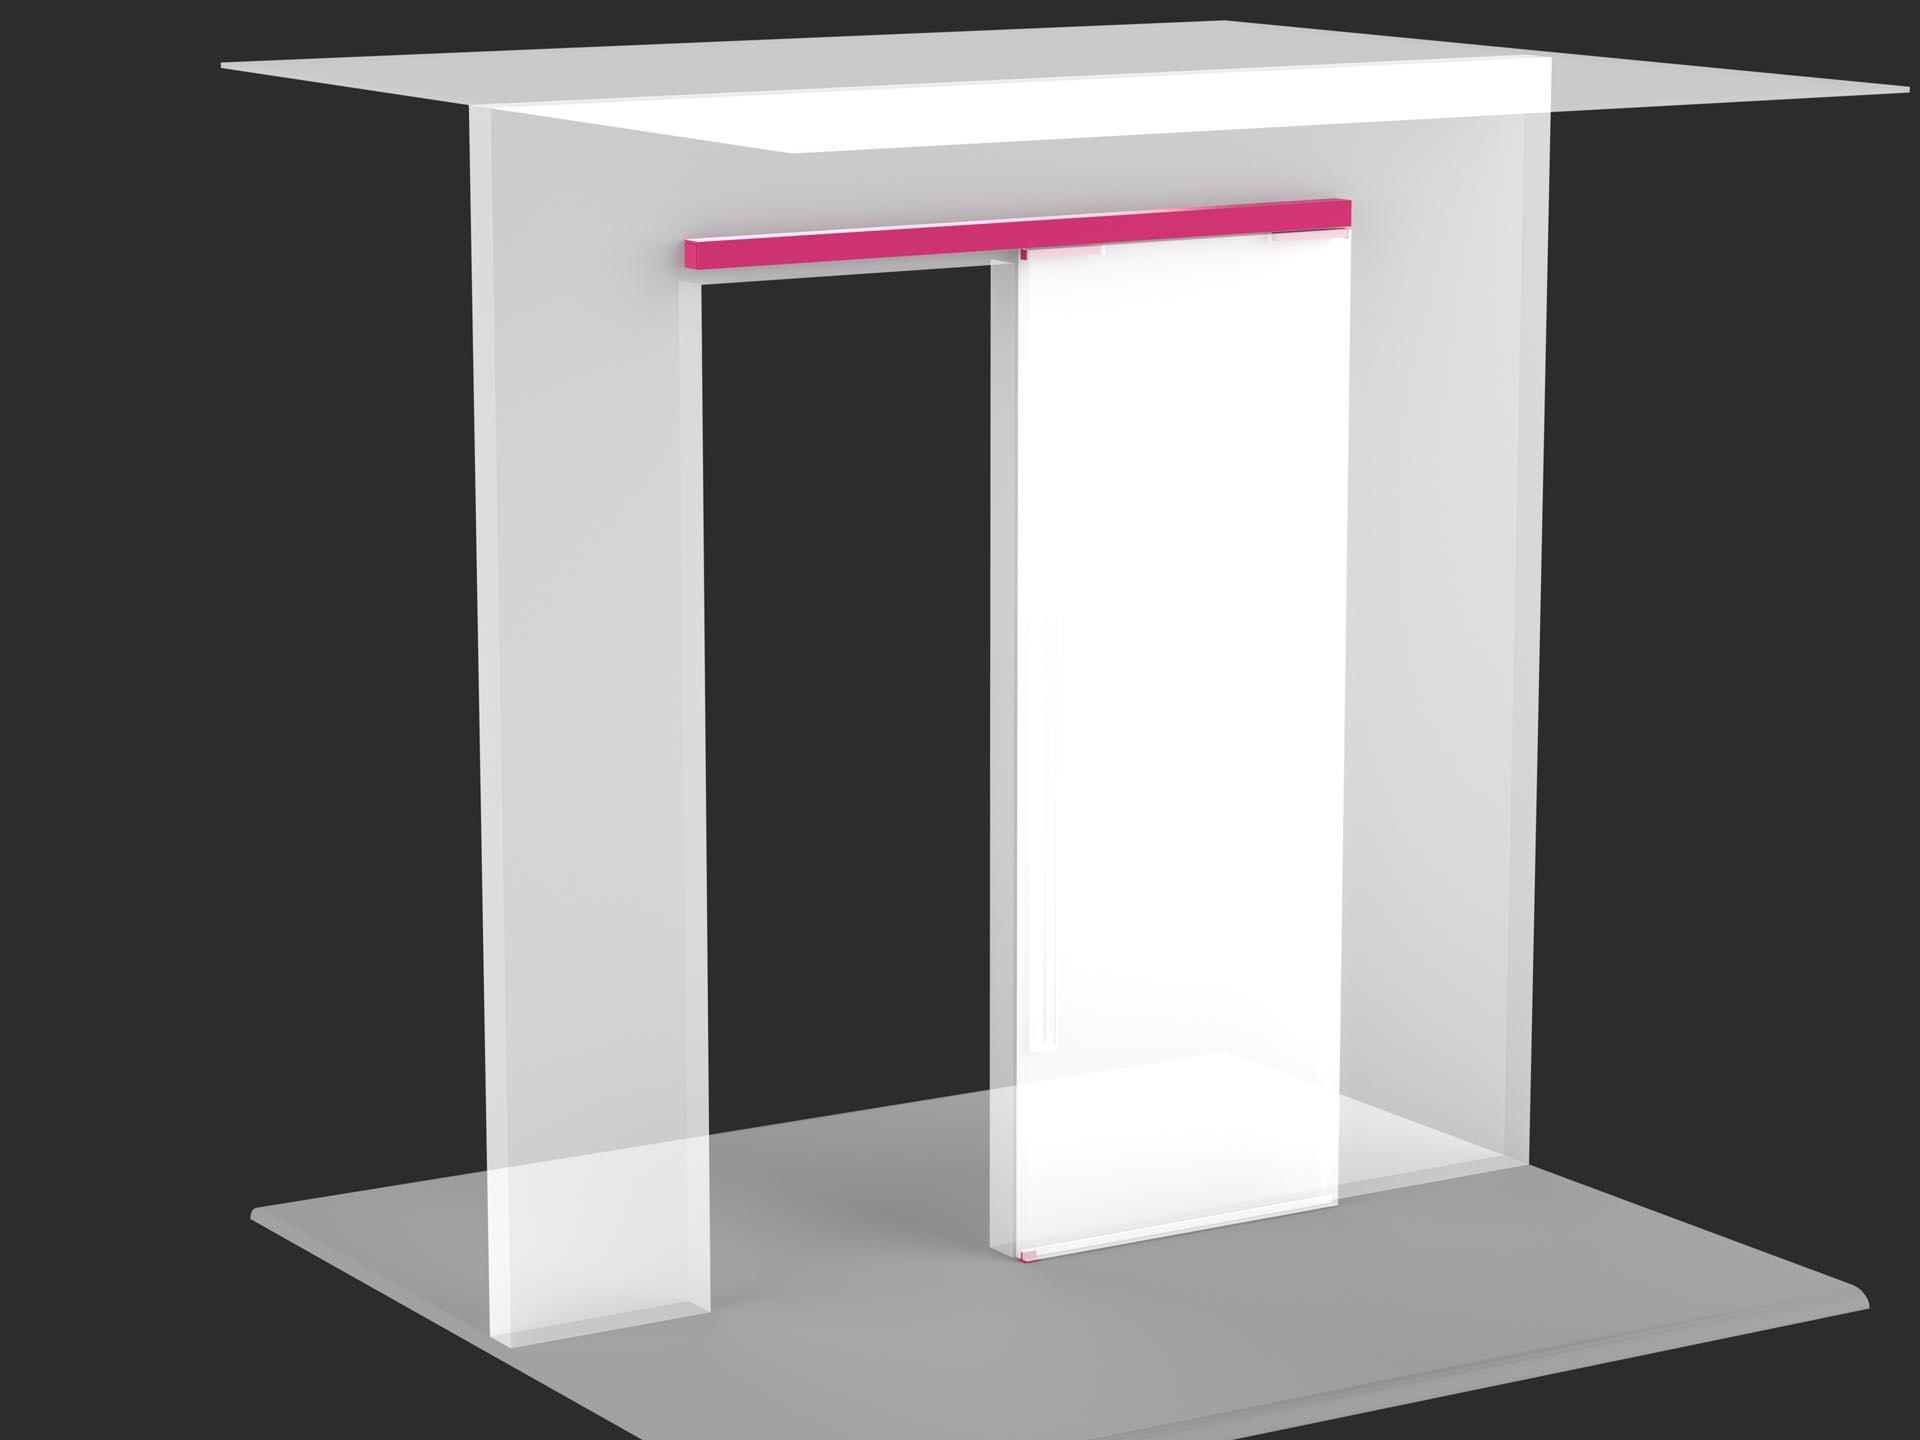 Porta scorrevole con binario a parete  Evoline3